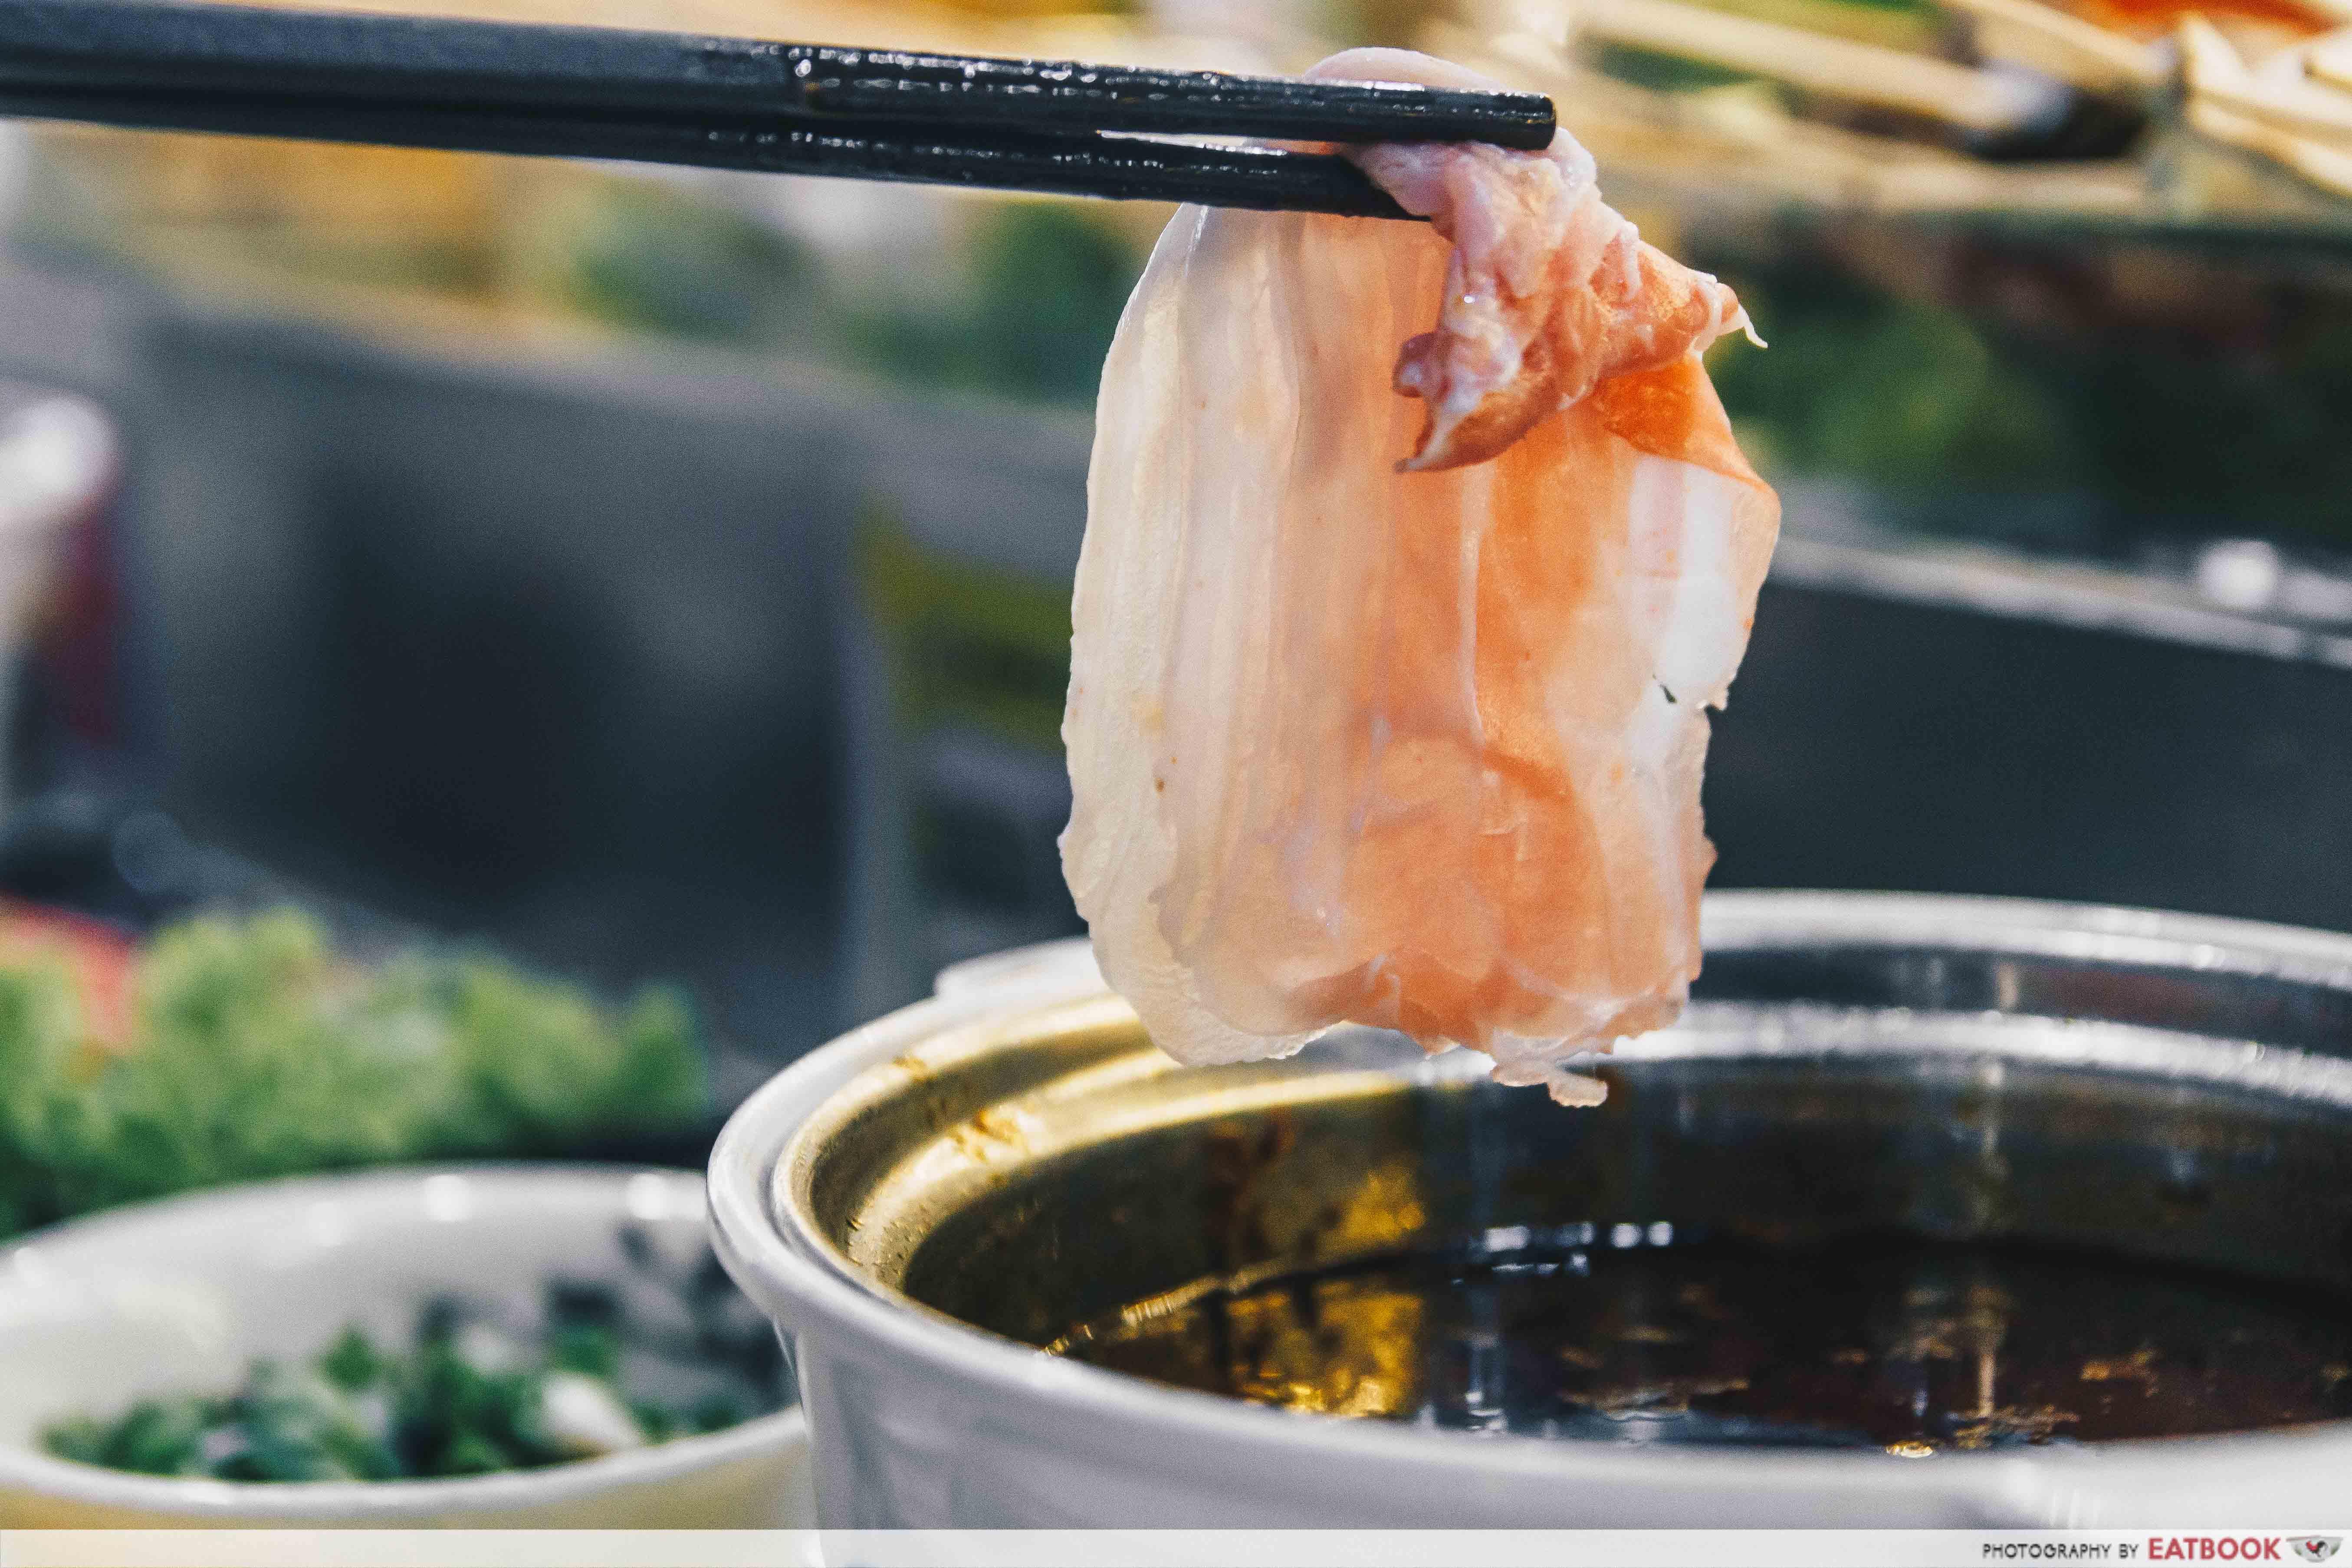 Steamov - Pork Belly Slice